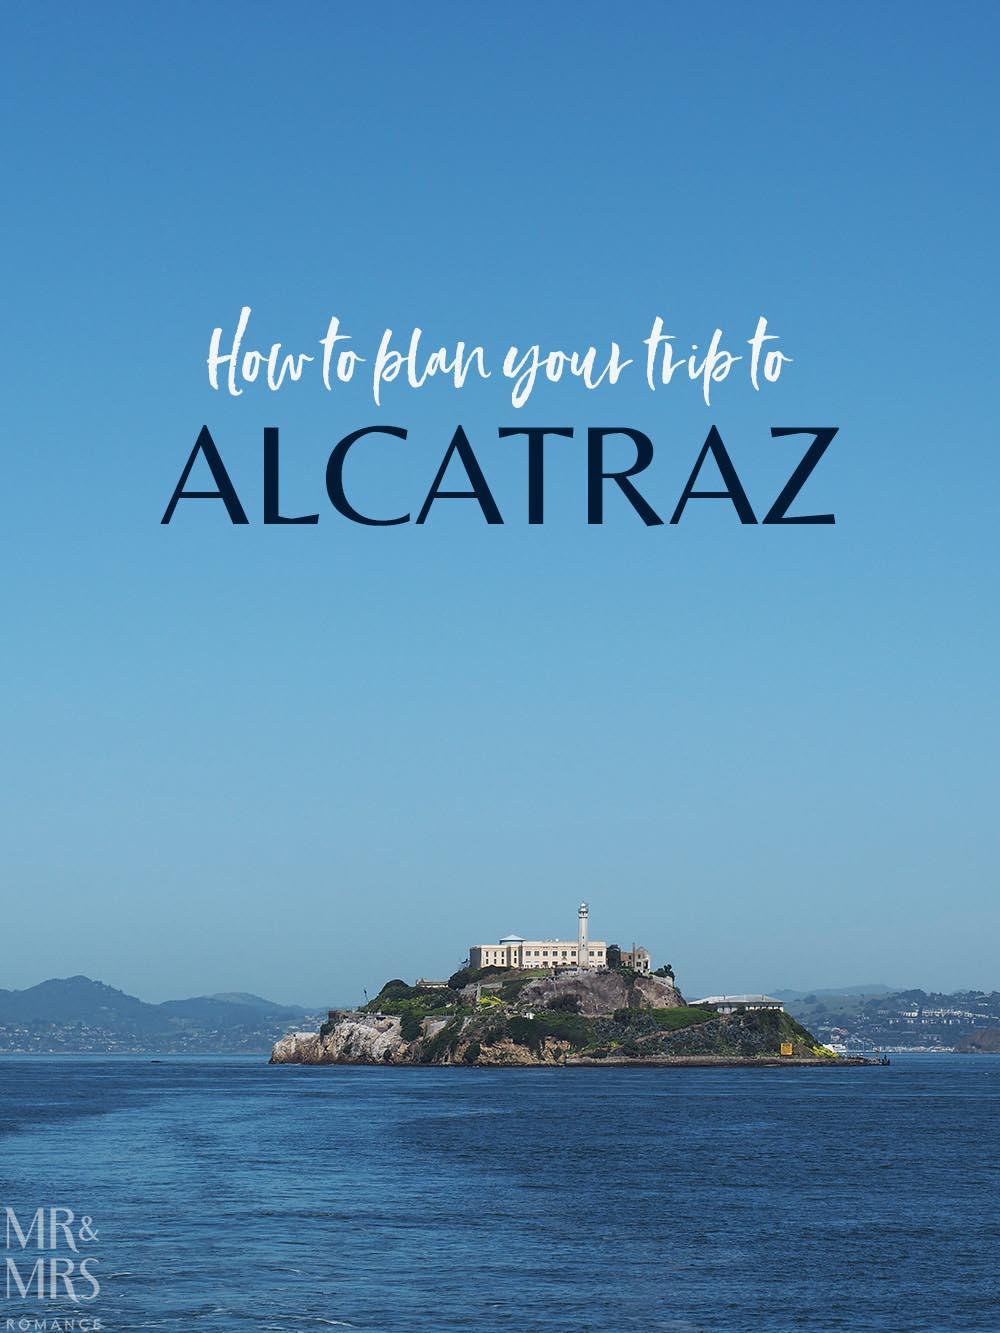 Alcatraz tips